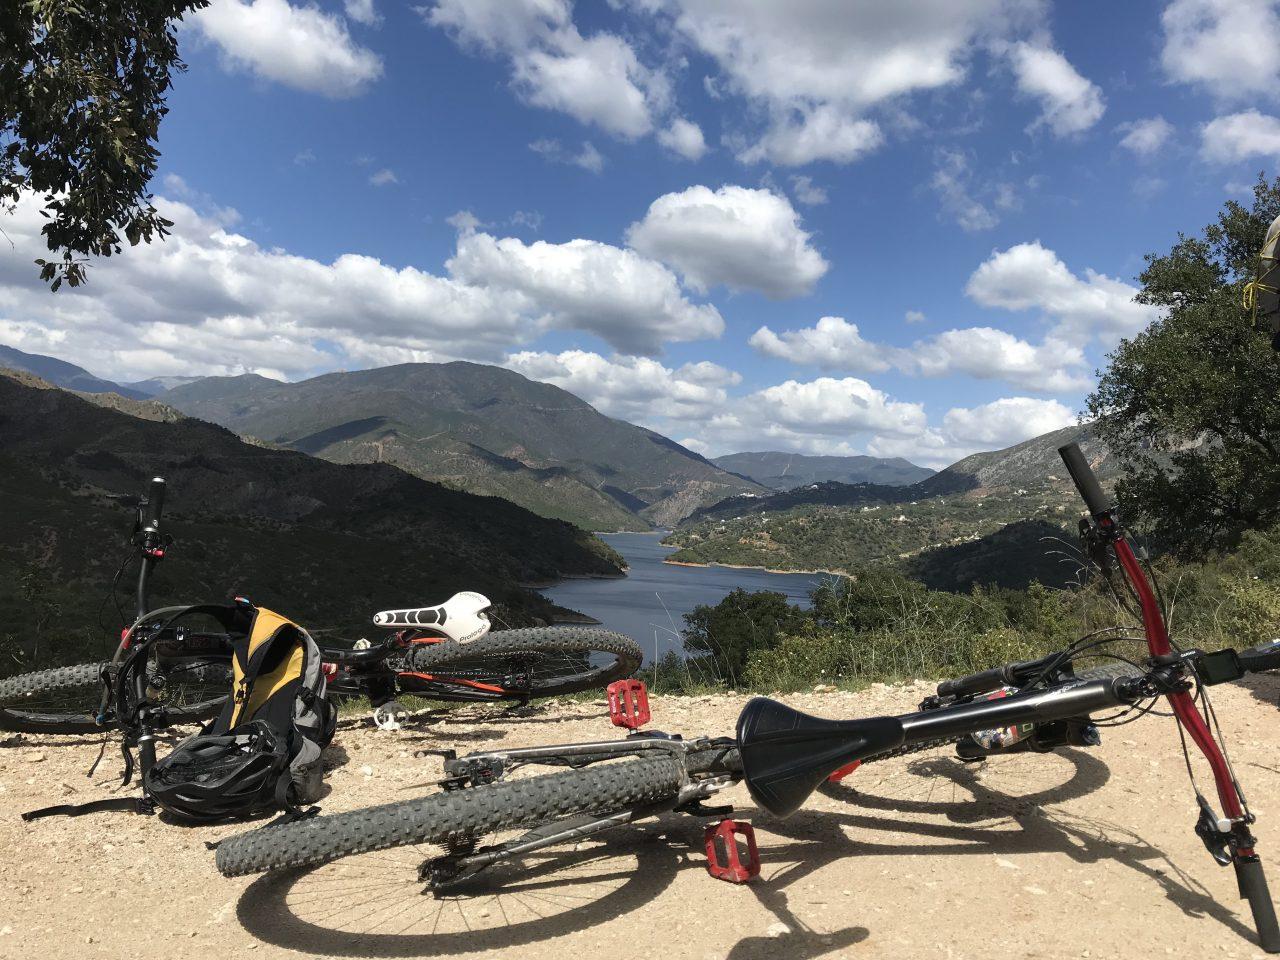 lazy bikes tijdens mountainbike reis Spanje